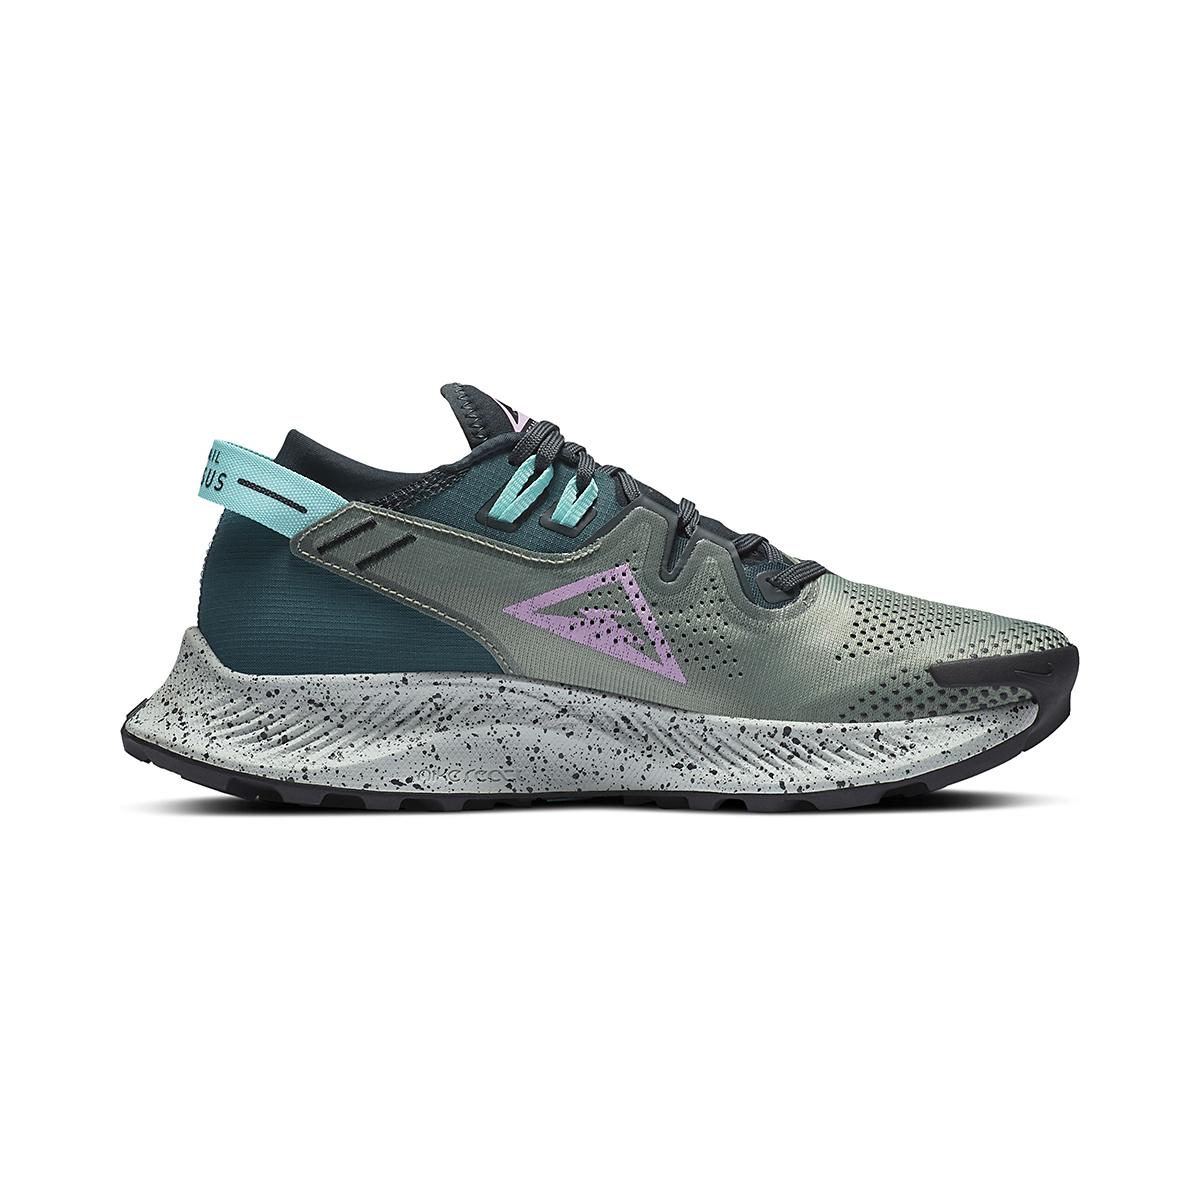 Women's Nike Pegasus Trail 2 Trail Running Shoe - Color: Seaweed/Beyond - Size: 5 - Width: Regular, Seaweed/Beyond, large, image 1